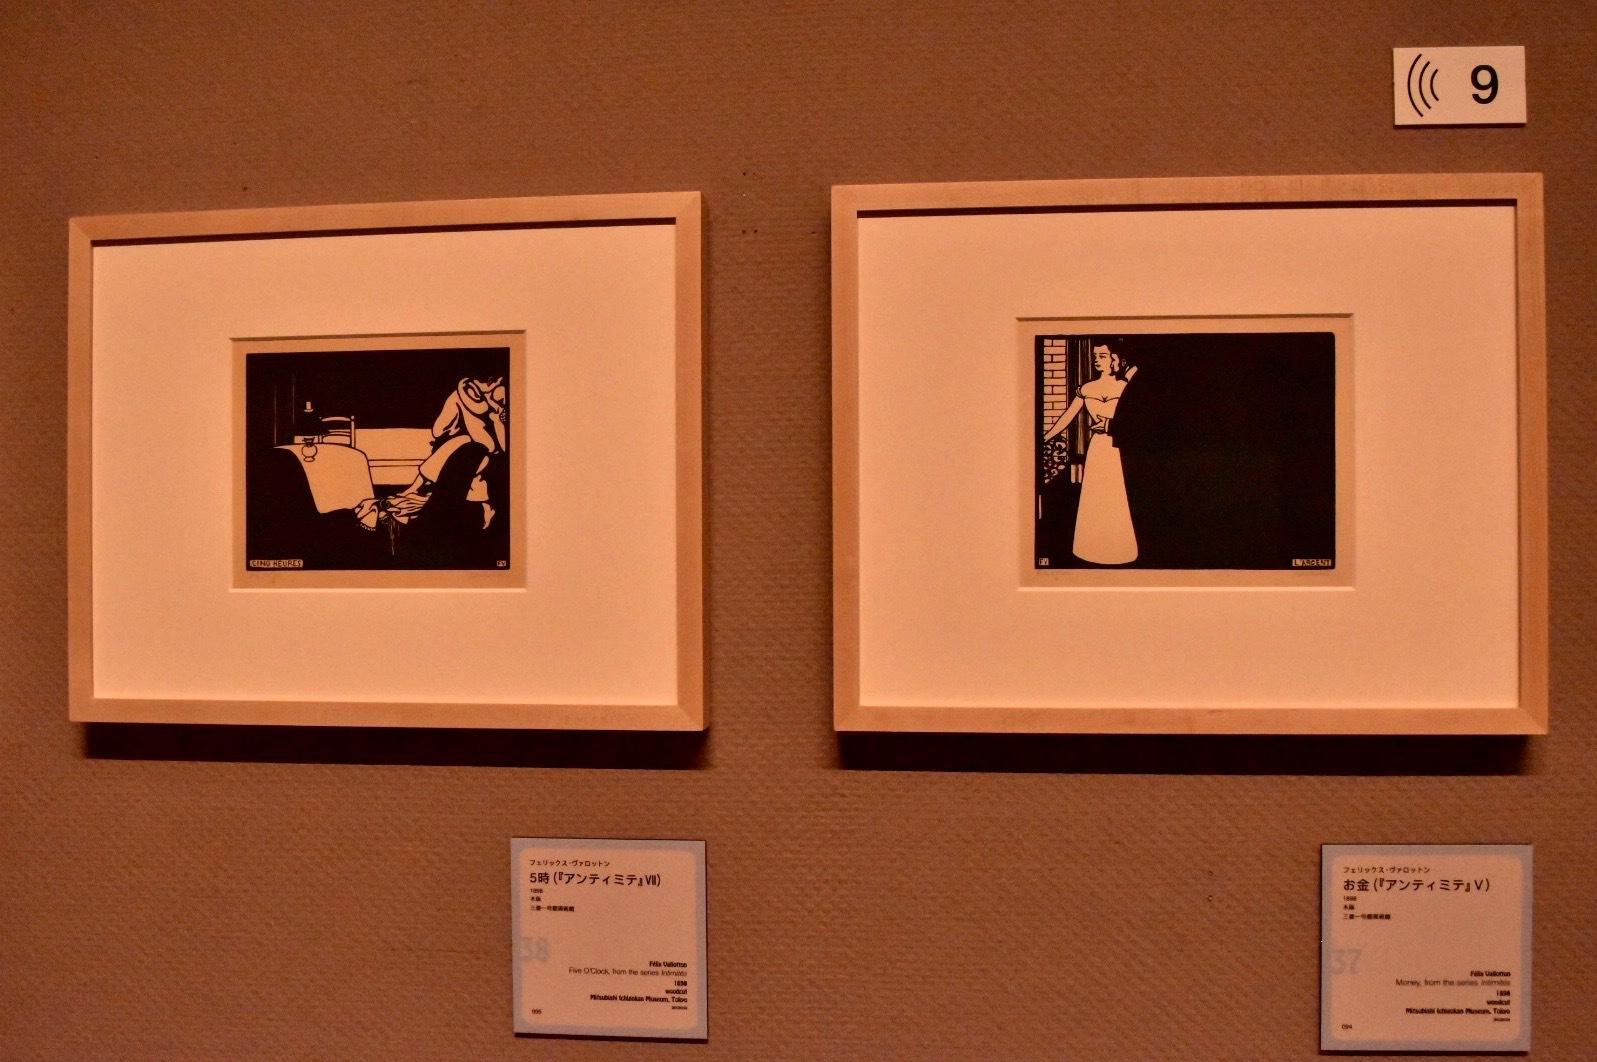 左:フェリックス・ヴァロットン《5時(『アンティミテ』Ⅶ)》1898年 右:フェリックス・ヴァロットン《お金(『アンティミテ』Ⅴ)》1898年